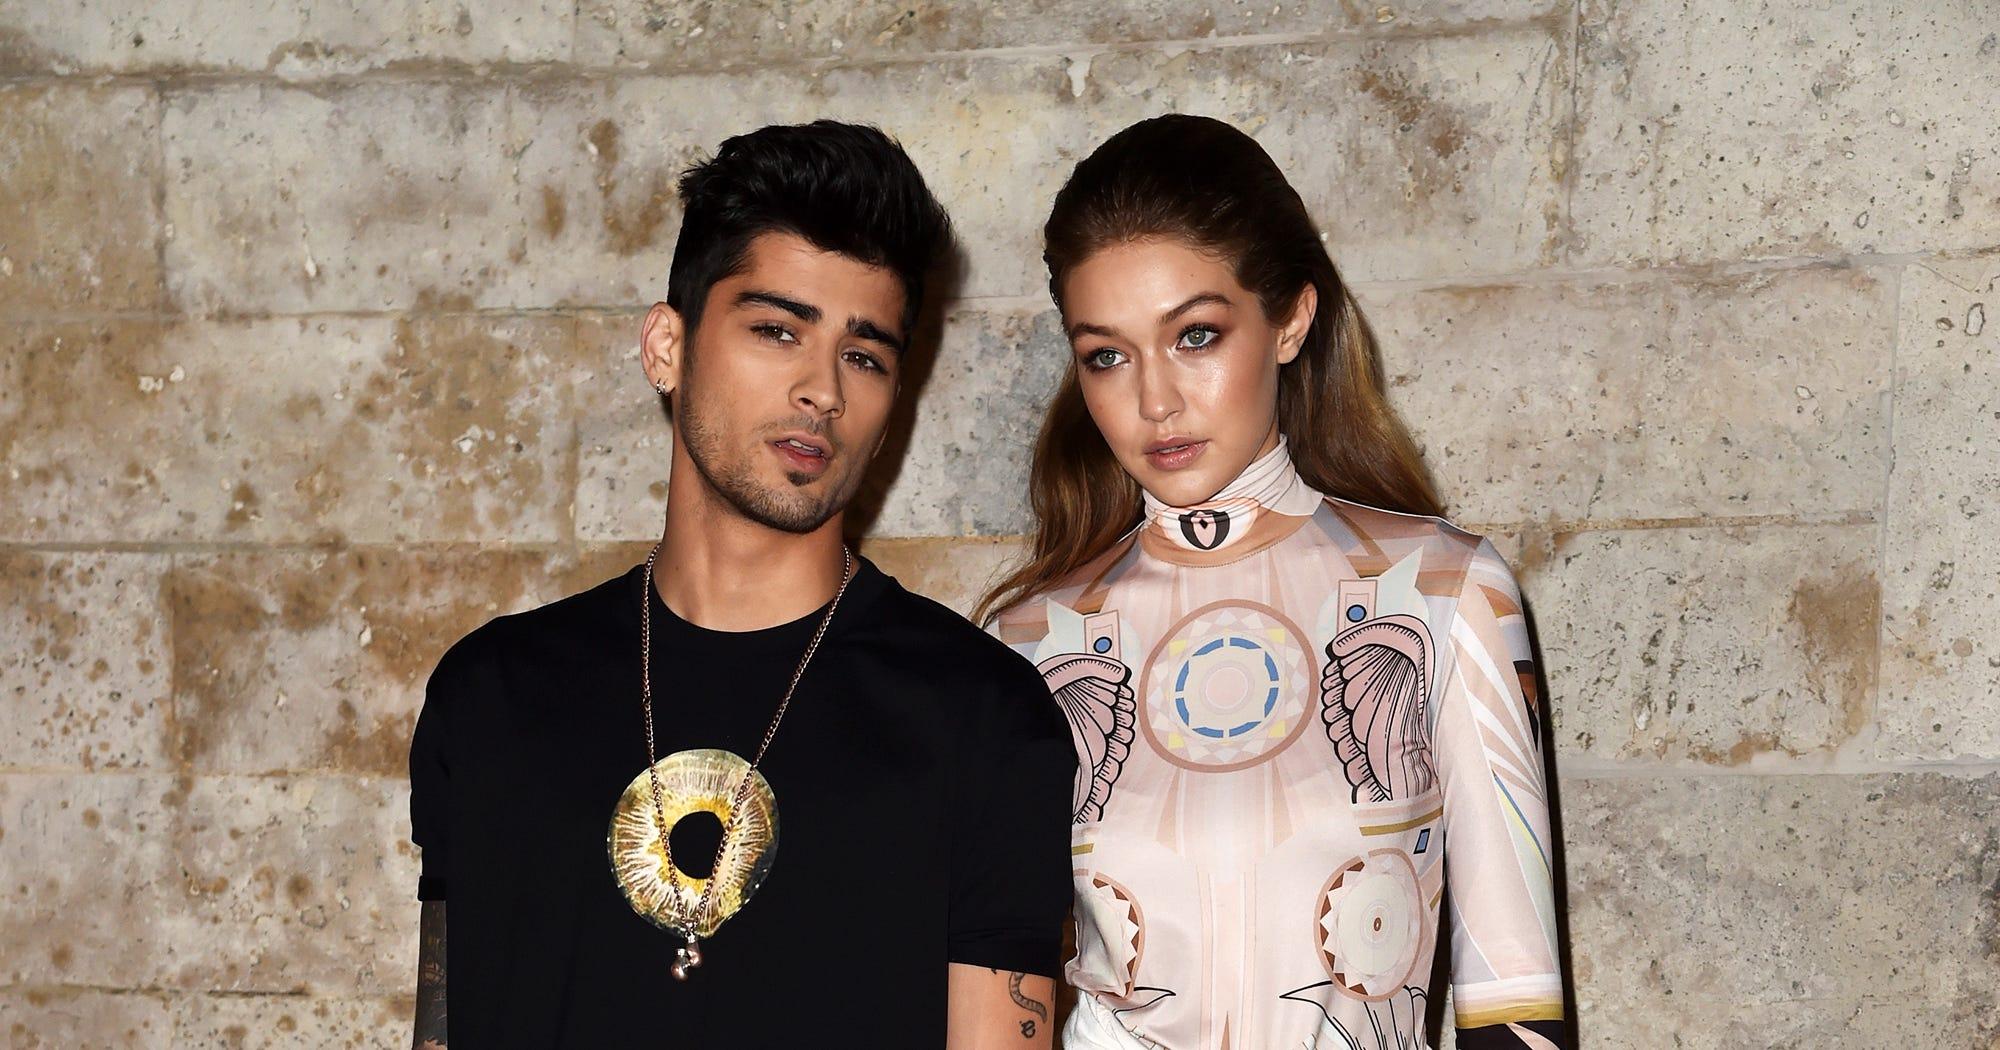 Zayn Malik & Gigi Hadid Confirm Their Split After Two Years Together